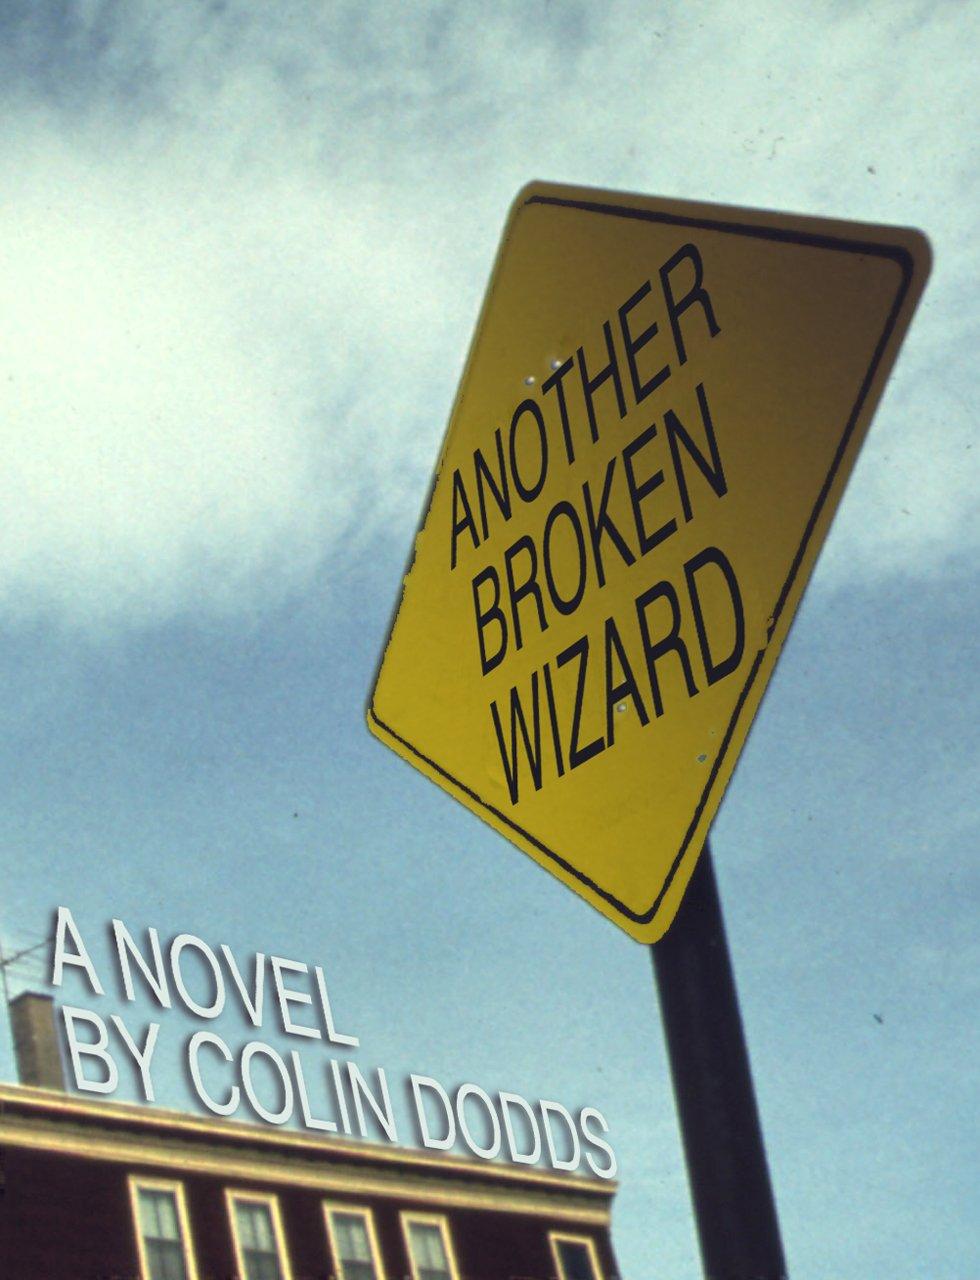 anotherbrokenwizard